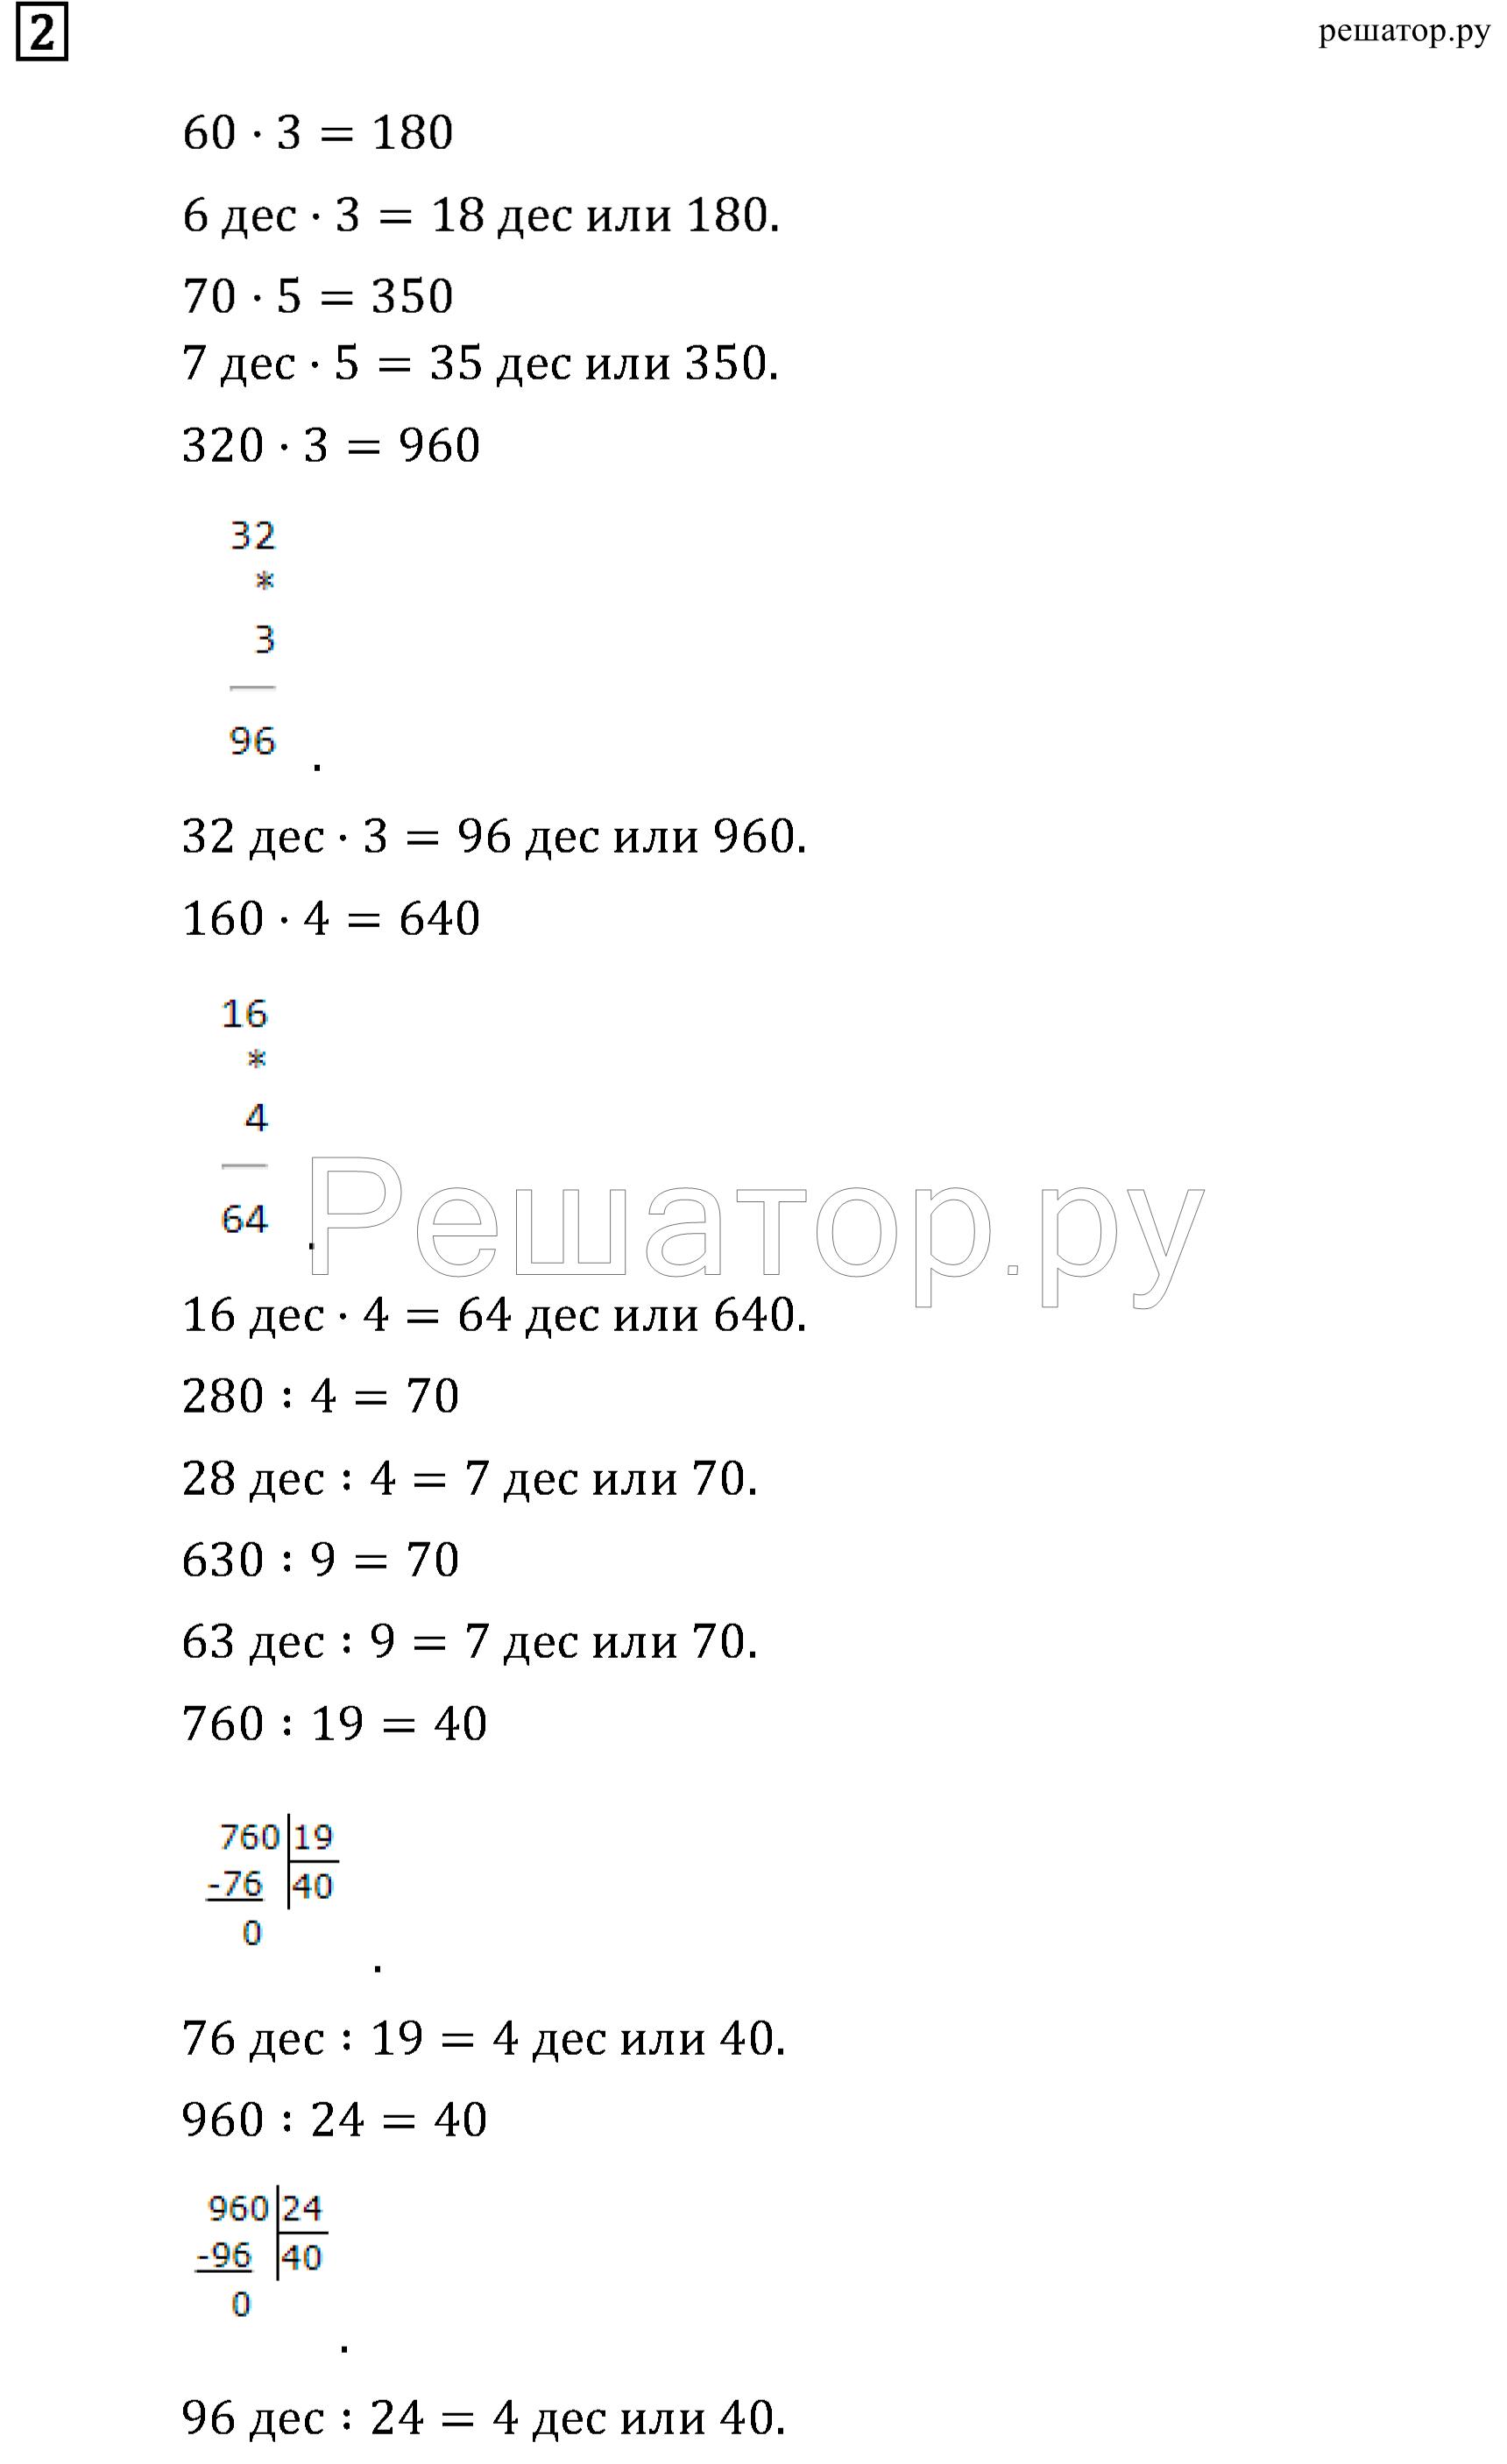 гдз по математике учебник бука